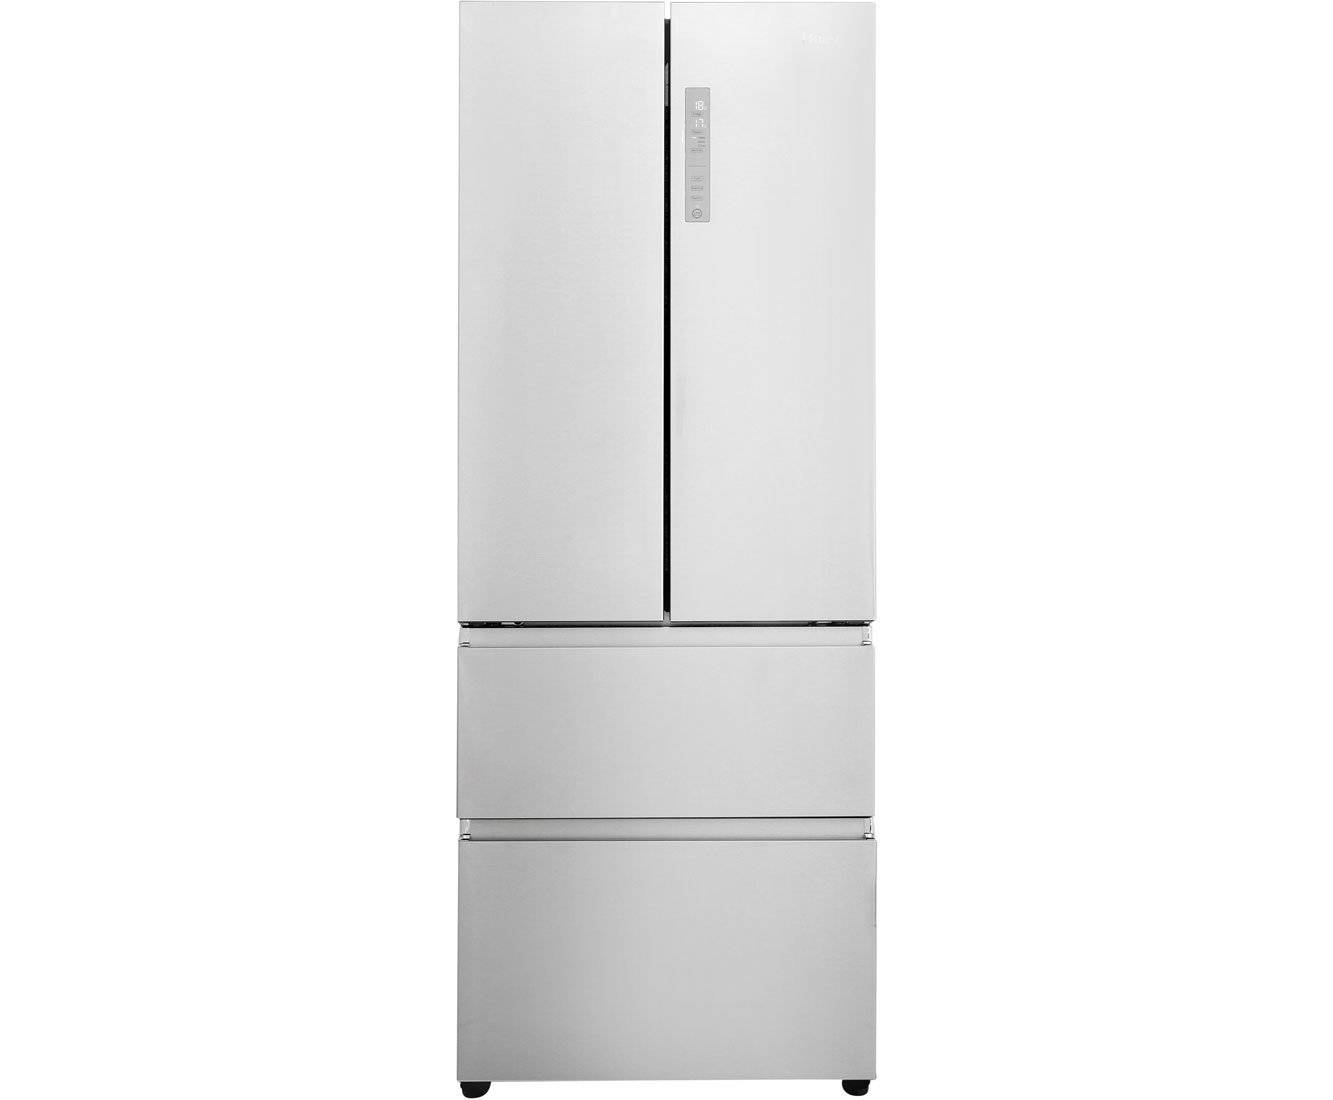 Amerikanischer Kühlschrank Tiefe : Kühlschrank 60 cm tief kühlschrank modelle